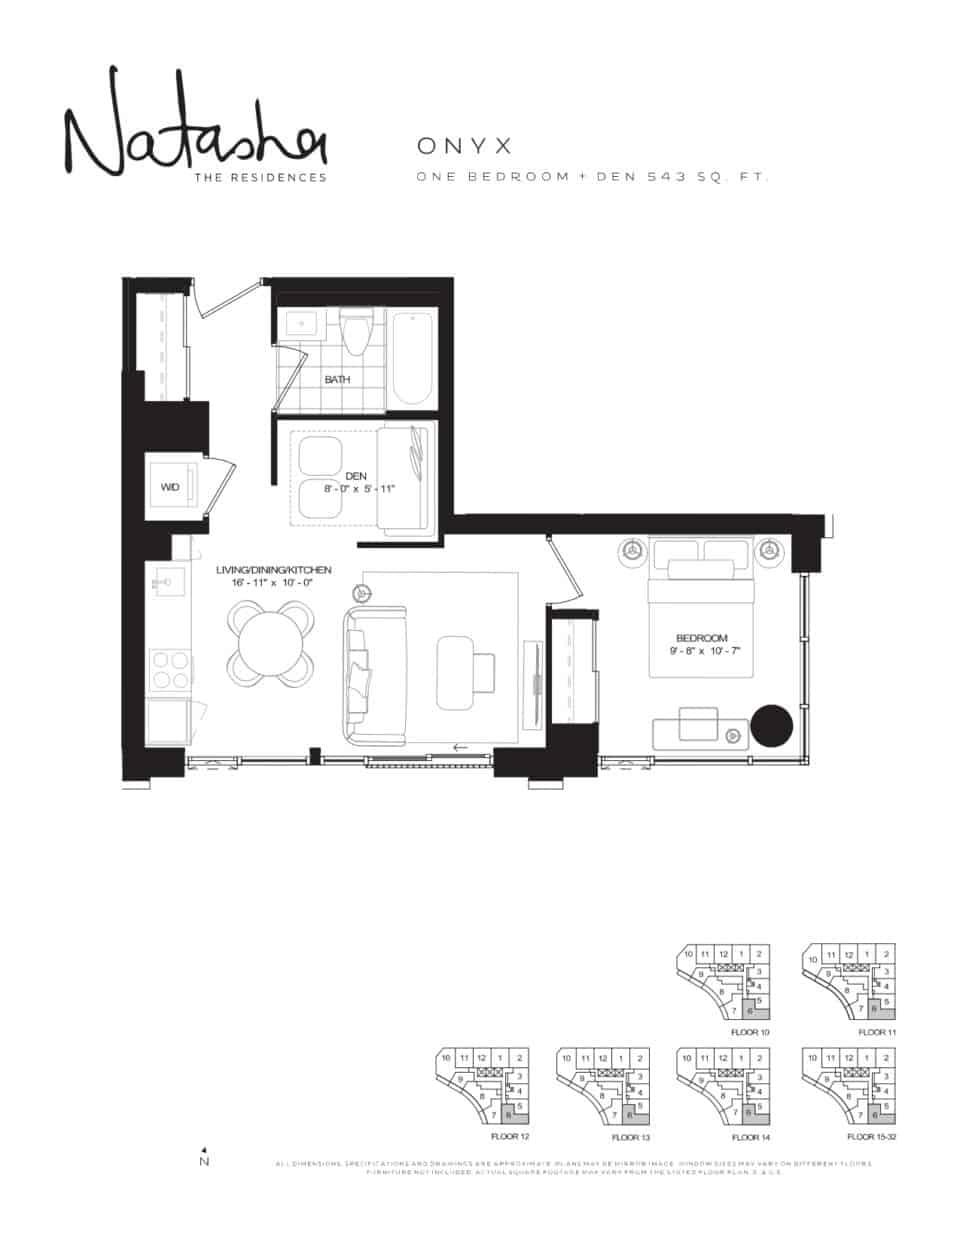 2021 09 02 11 02 45 natashatheresidences lanterradevelopments floorplans onyx